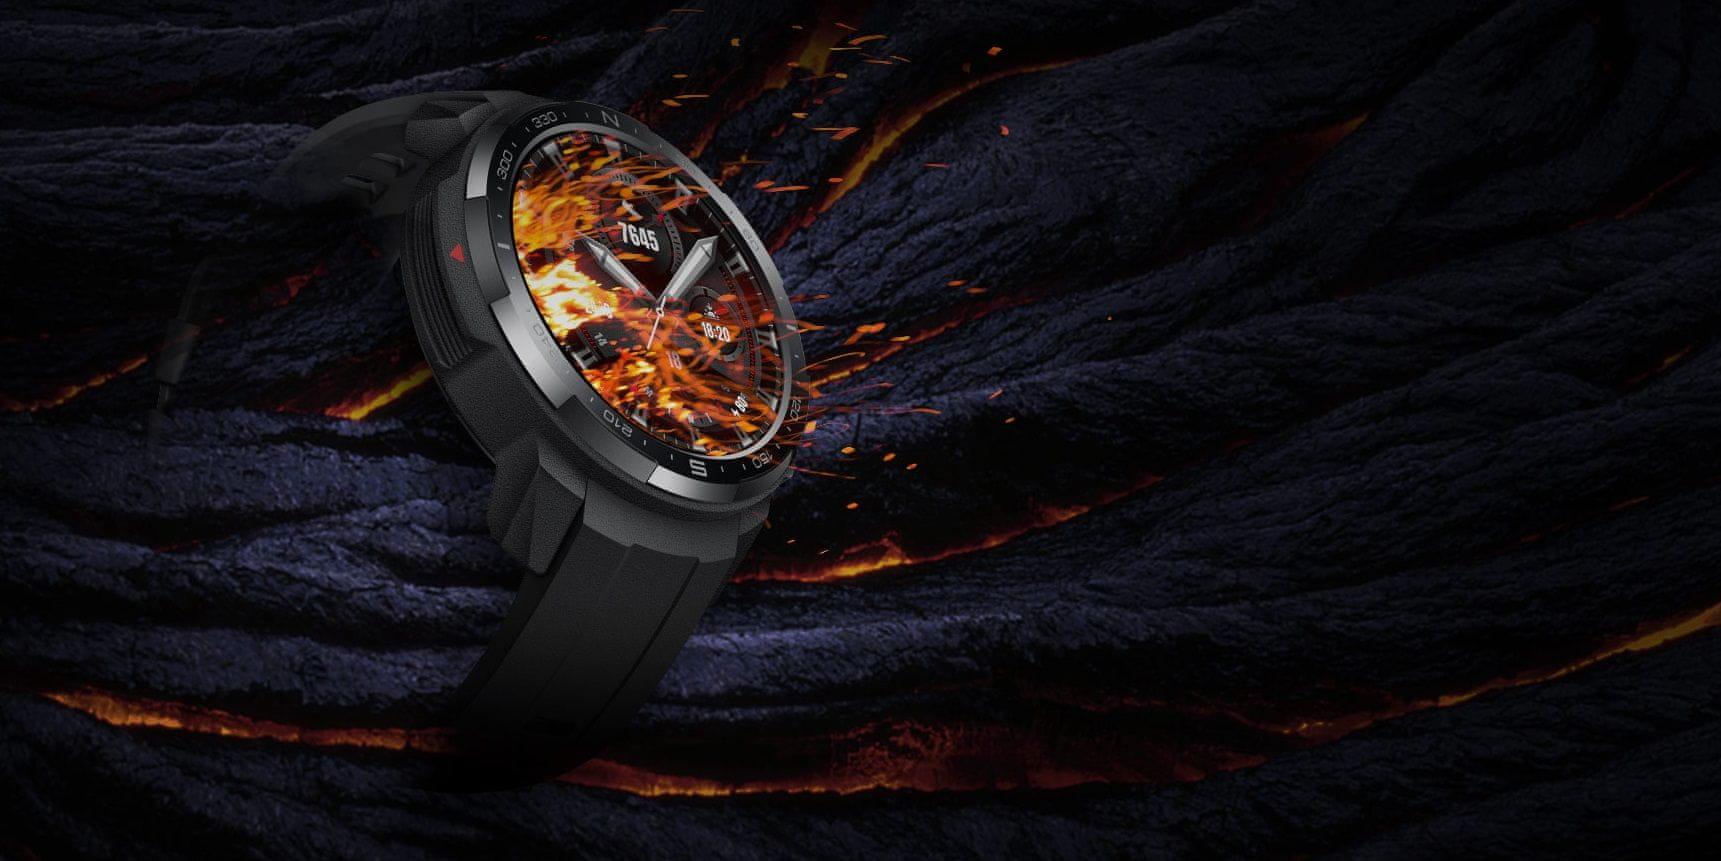 Inteligentné hodinky Watch GS Pro KANON-B19S Charcoal Black odolná konštrukcia